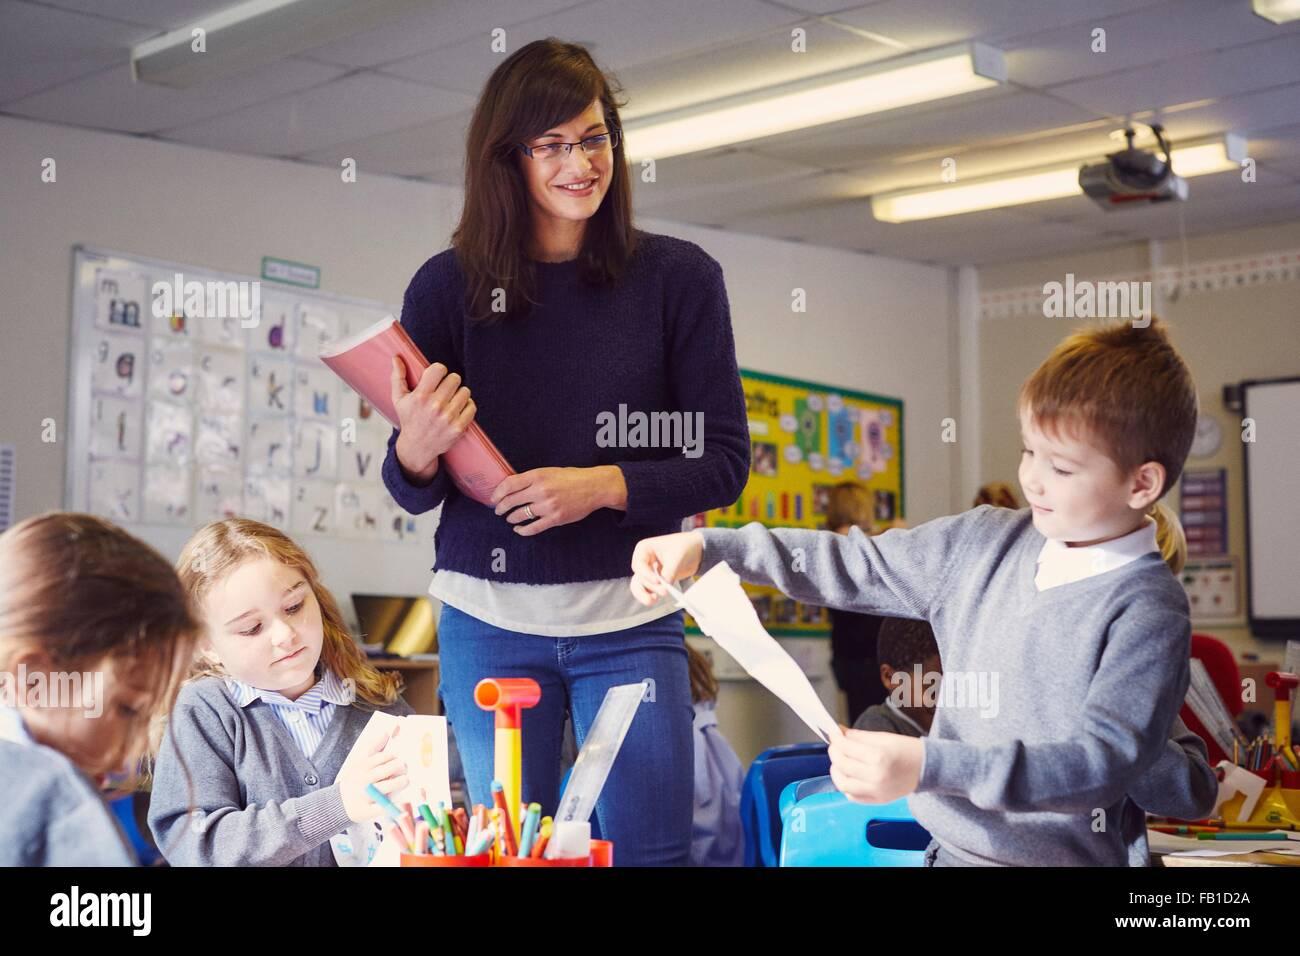 Insegnante femmina con bambini disegno nella scuola elementare classroom Immagini Stock